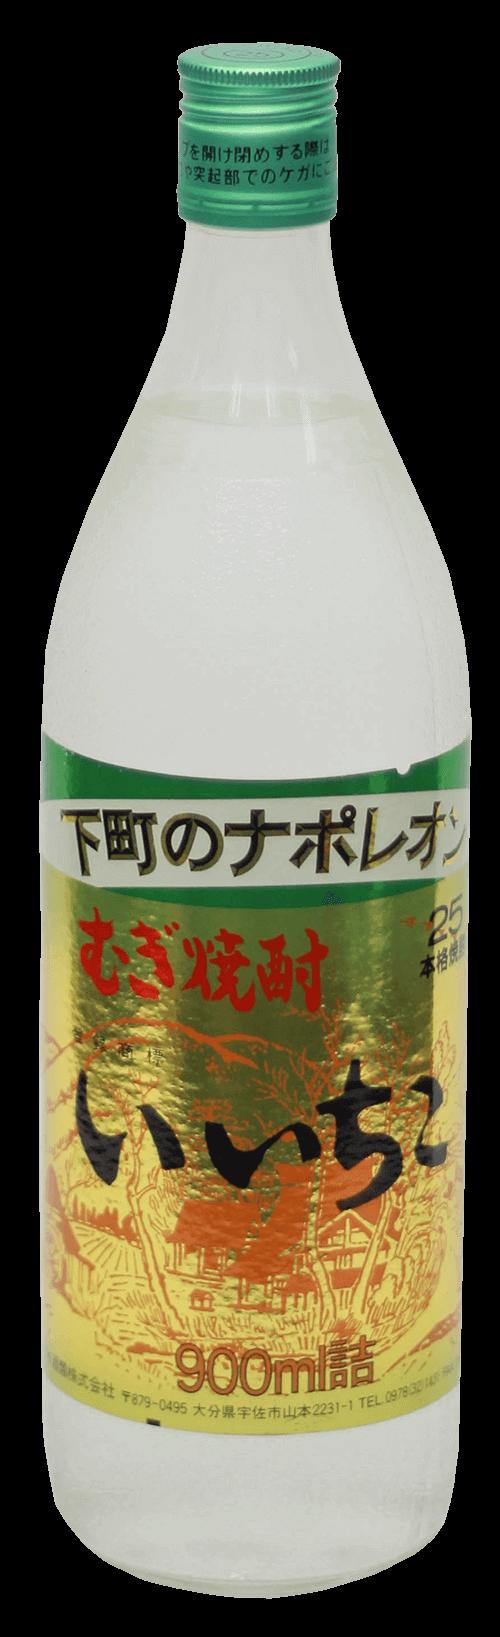 iichiko Mugi Shochu Bottle